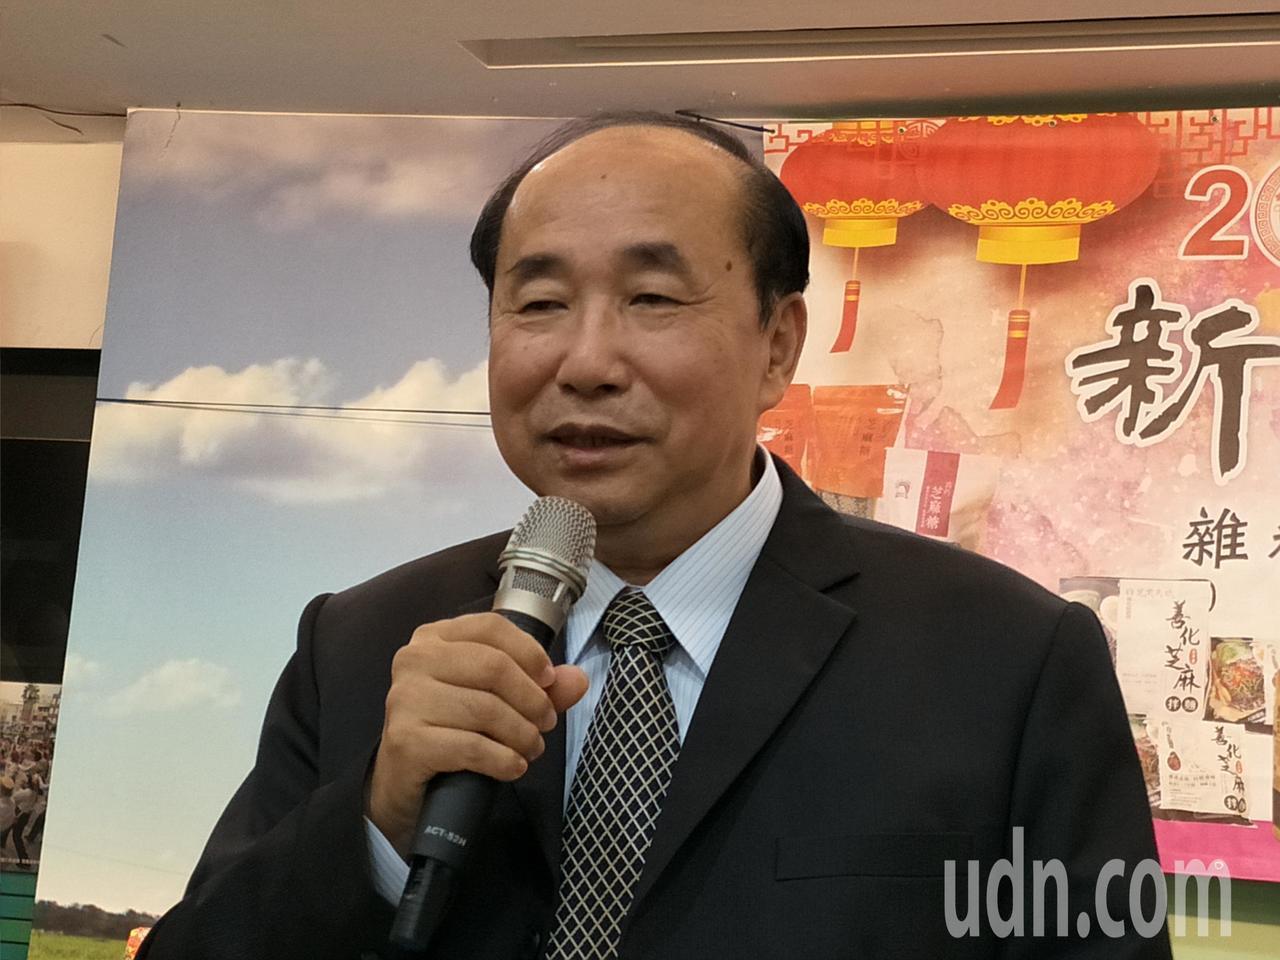 台南市政府農業局長李朝塘強調施政要接地氣。記者謝進盛/攝影